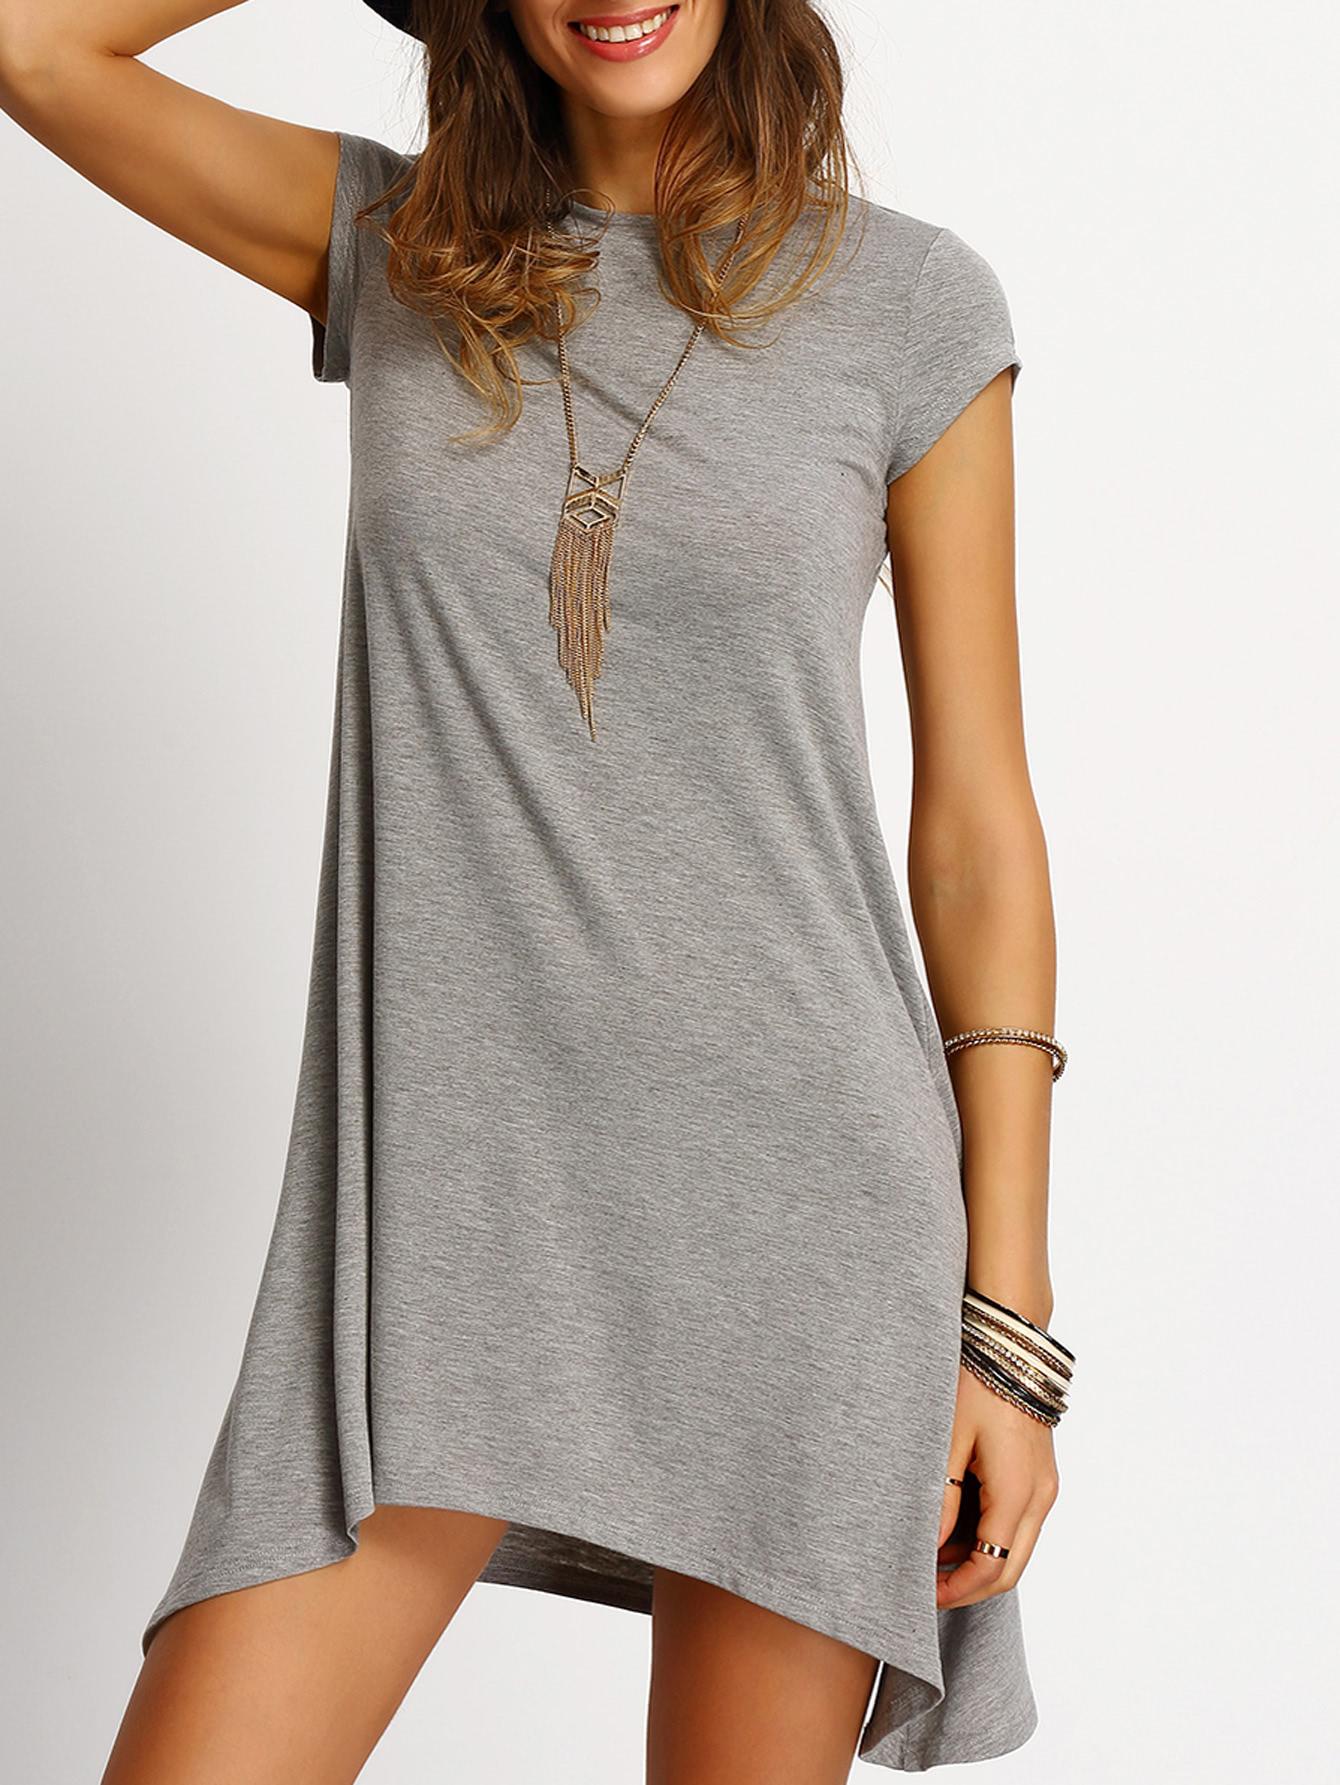 Купить Светло-серое асимметричное платье в стиле кэжуал, Mary, SheIn